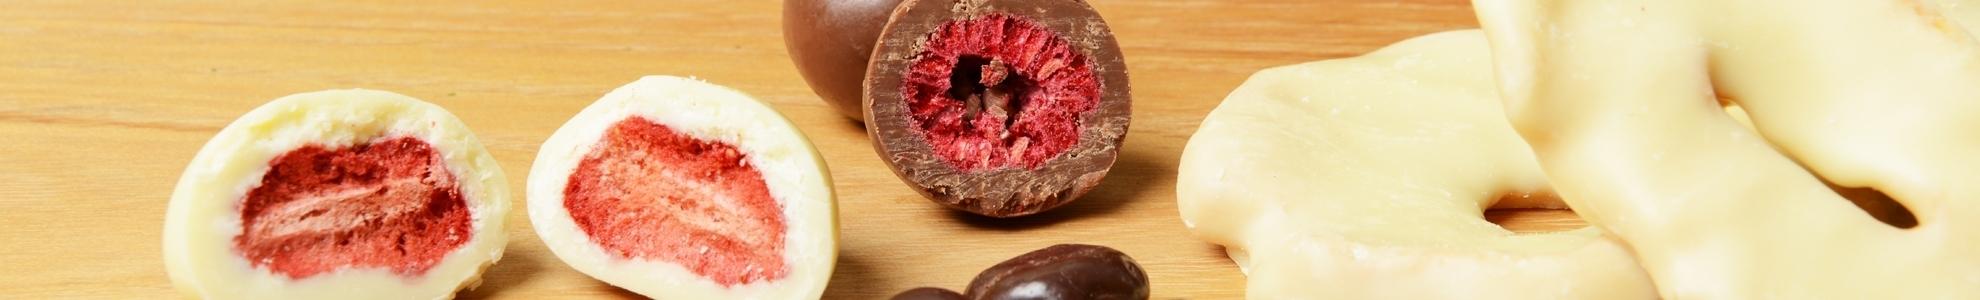 Schokofrüchte/ Nüsse